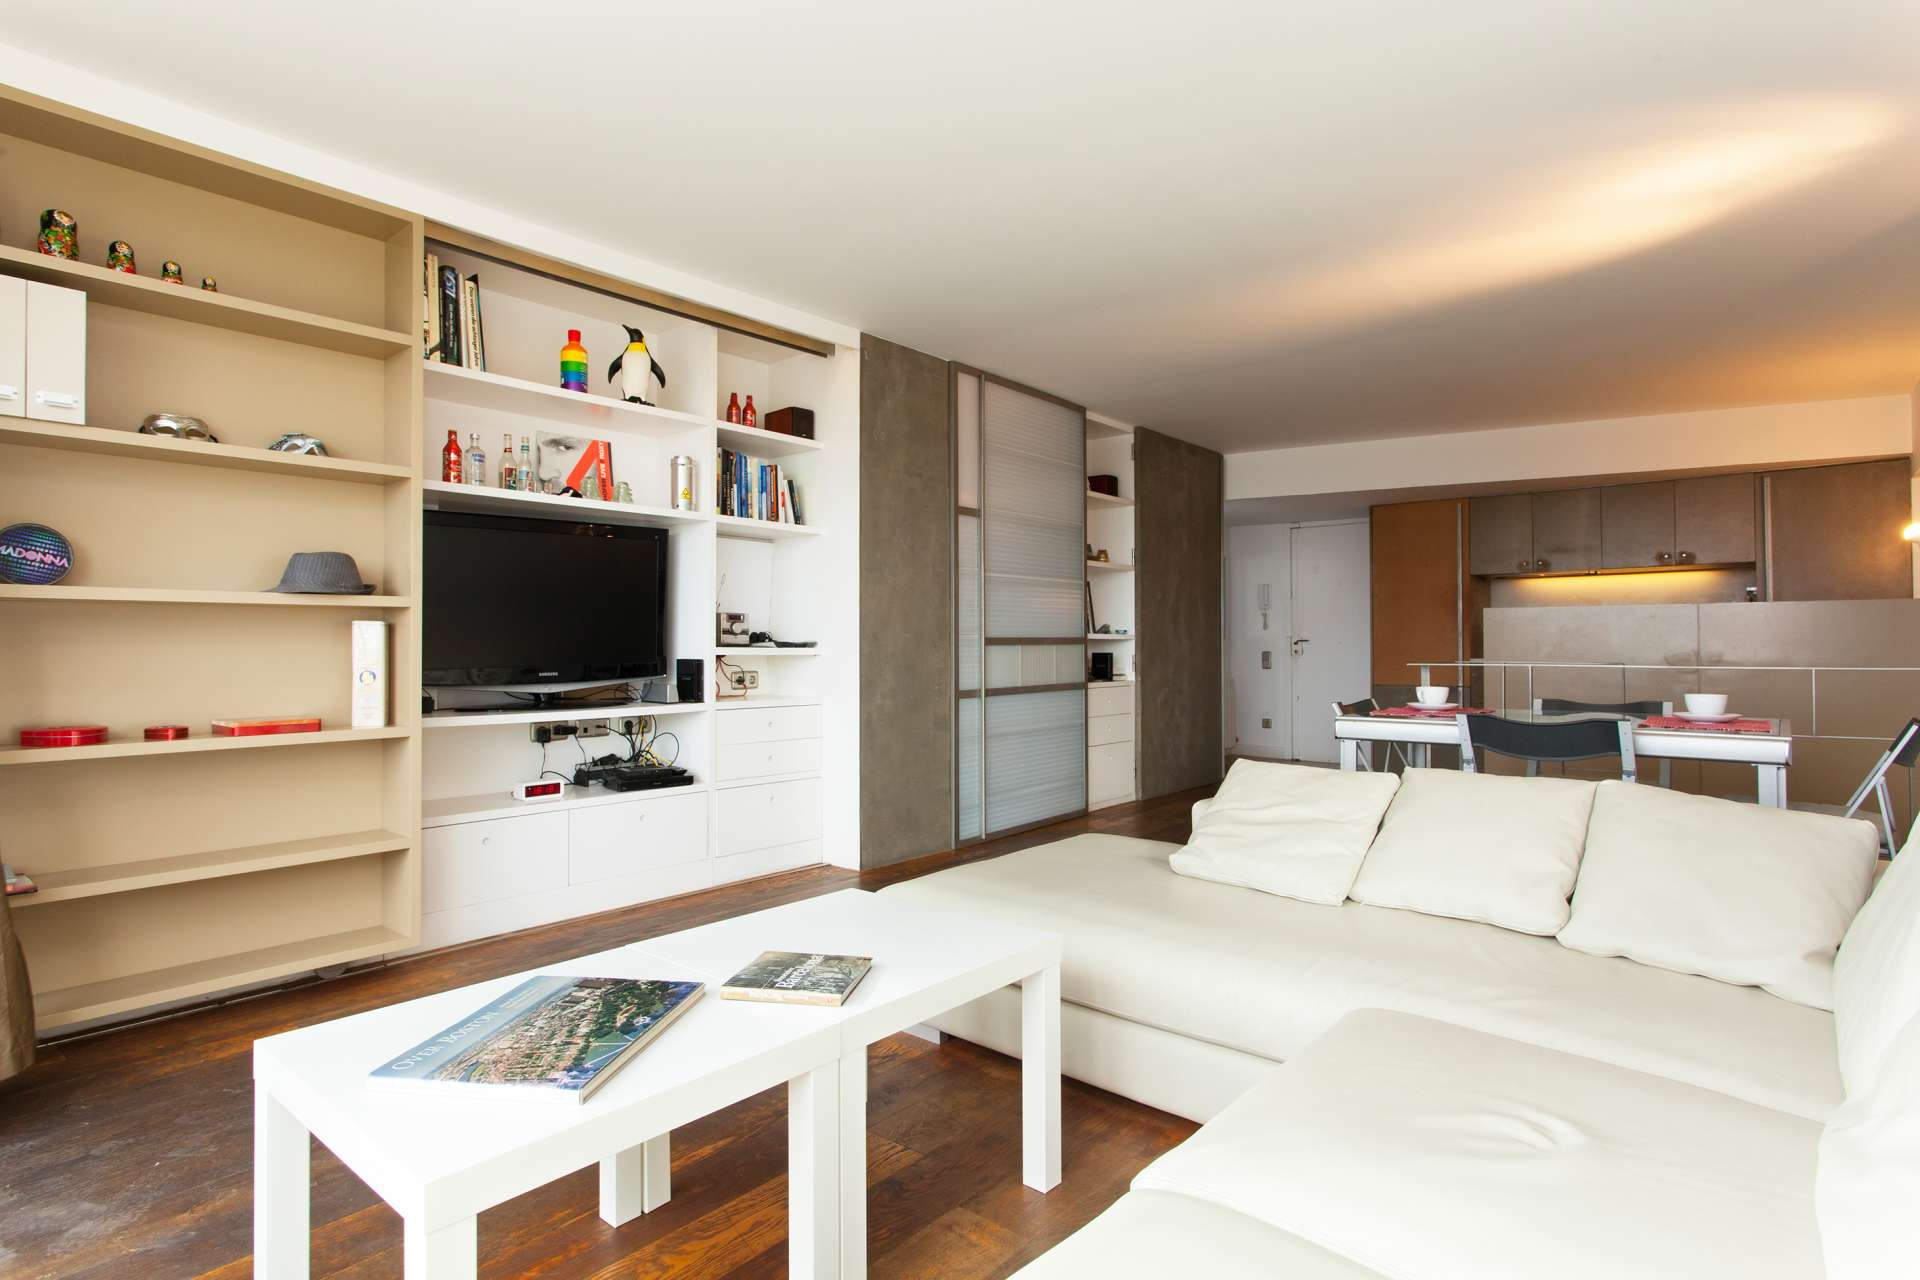 Shbarcelona piso alquiler terraza sant marti vila olimpica for Piso wellington barcelona